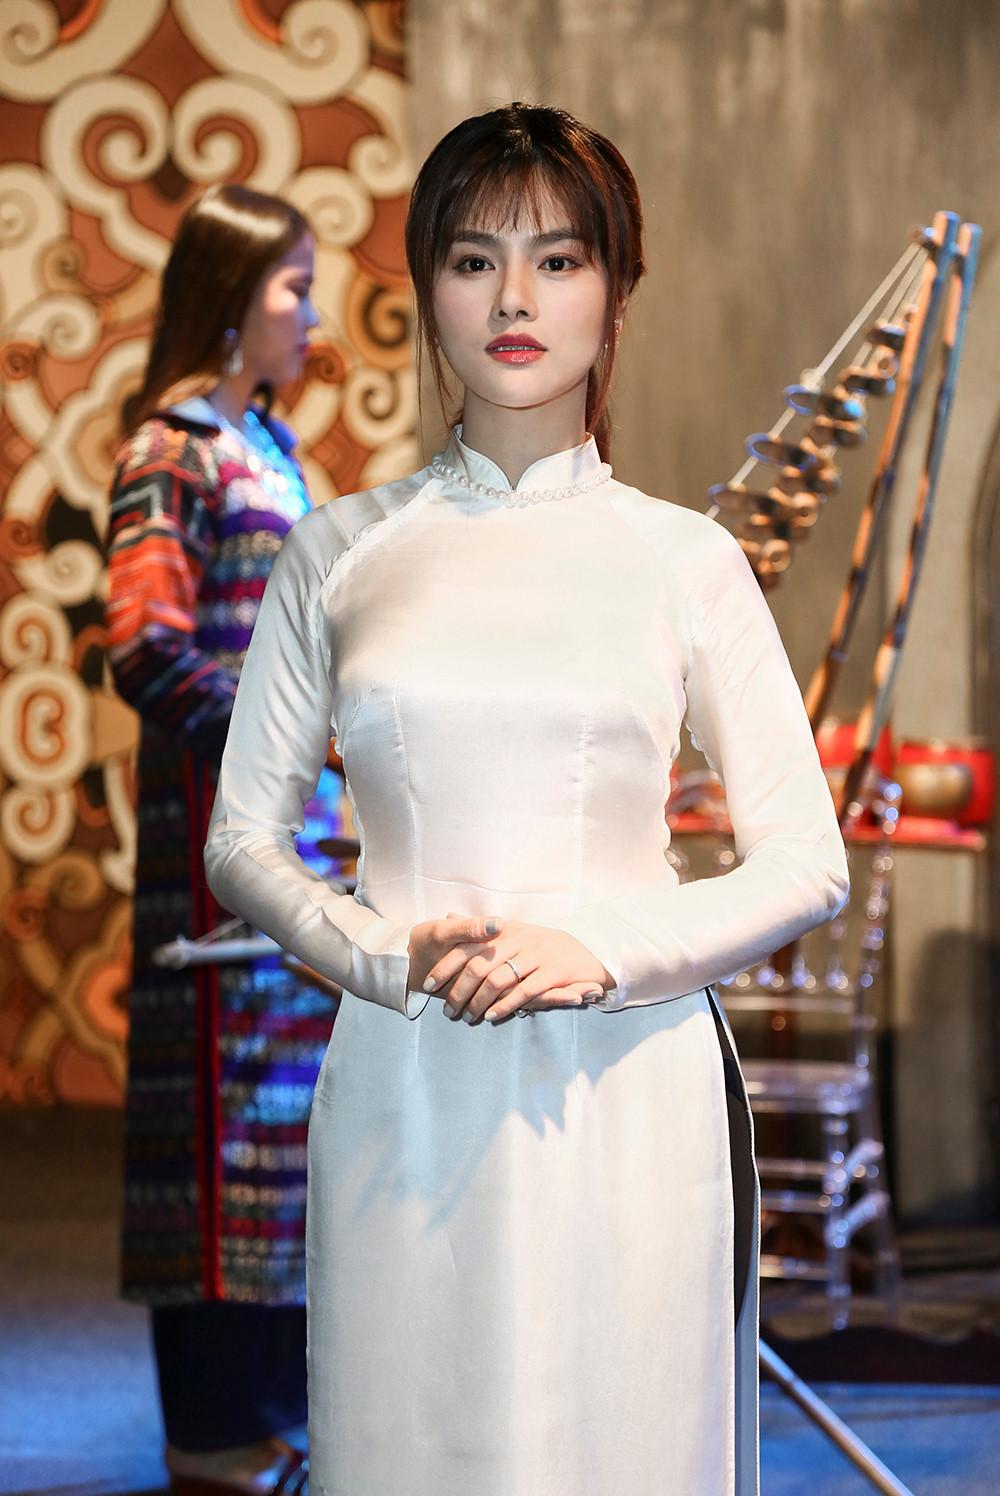 Vũ thu phương nền nã với áo dài